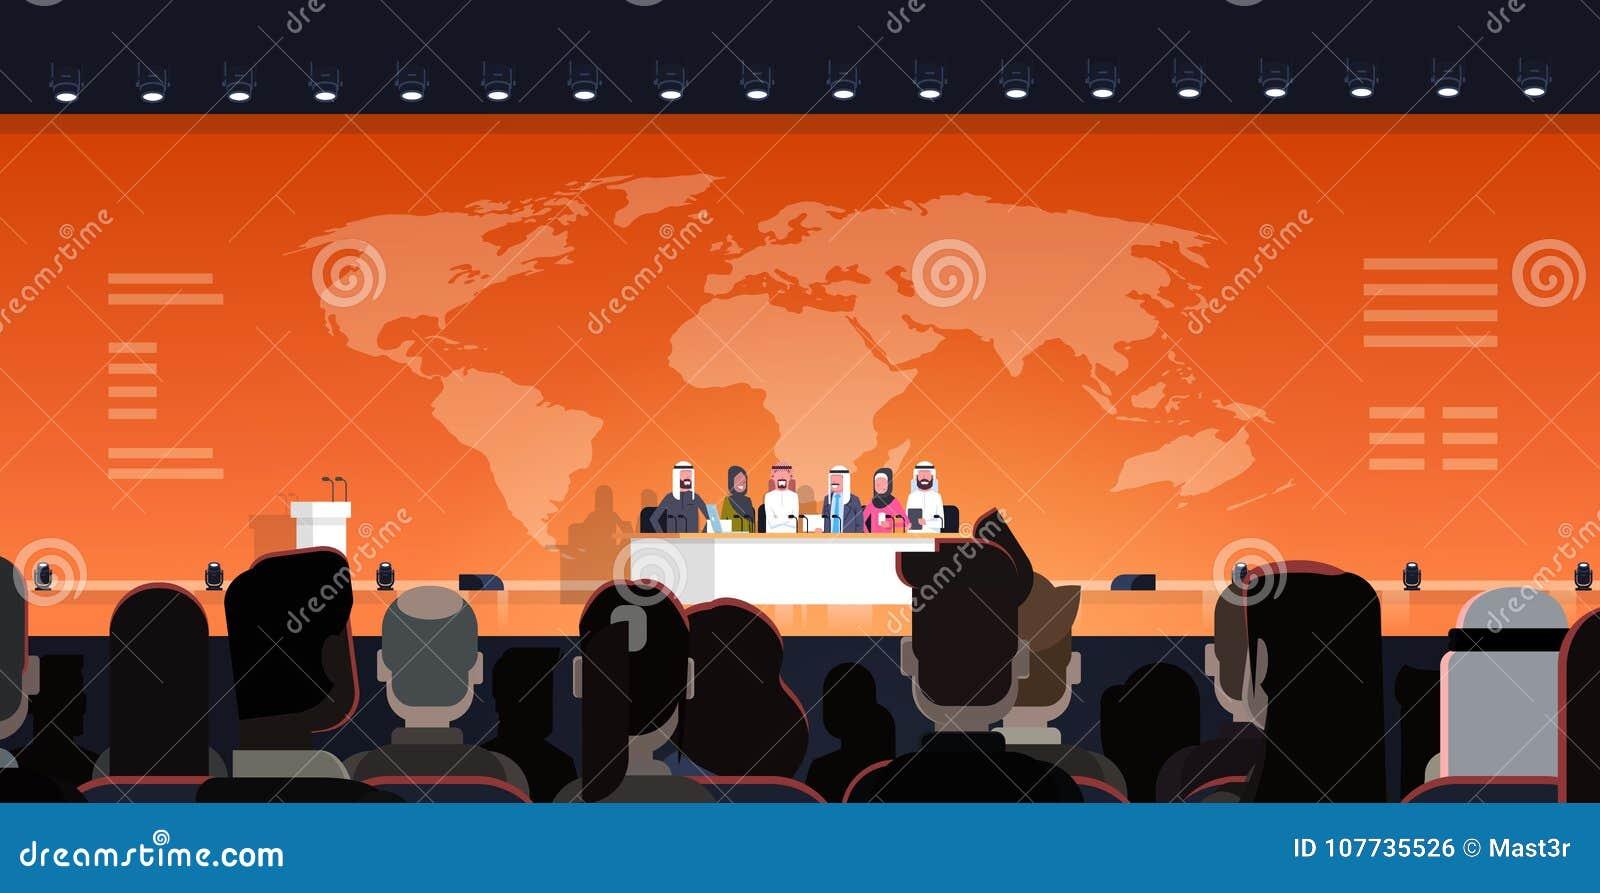 Grupa Arabscy ludzie biznesu Na Konferencyjnym debata publiczna wywiadzie Nad Światowej mapy tła Oficjalnym spotkaniem język arab